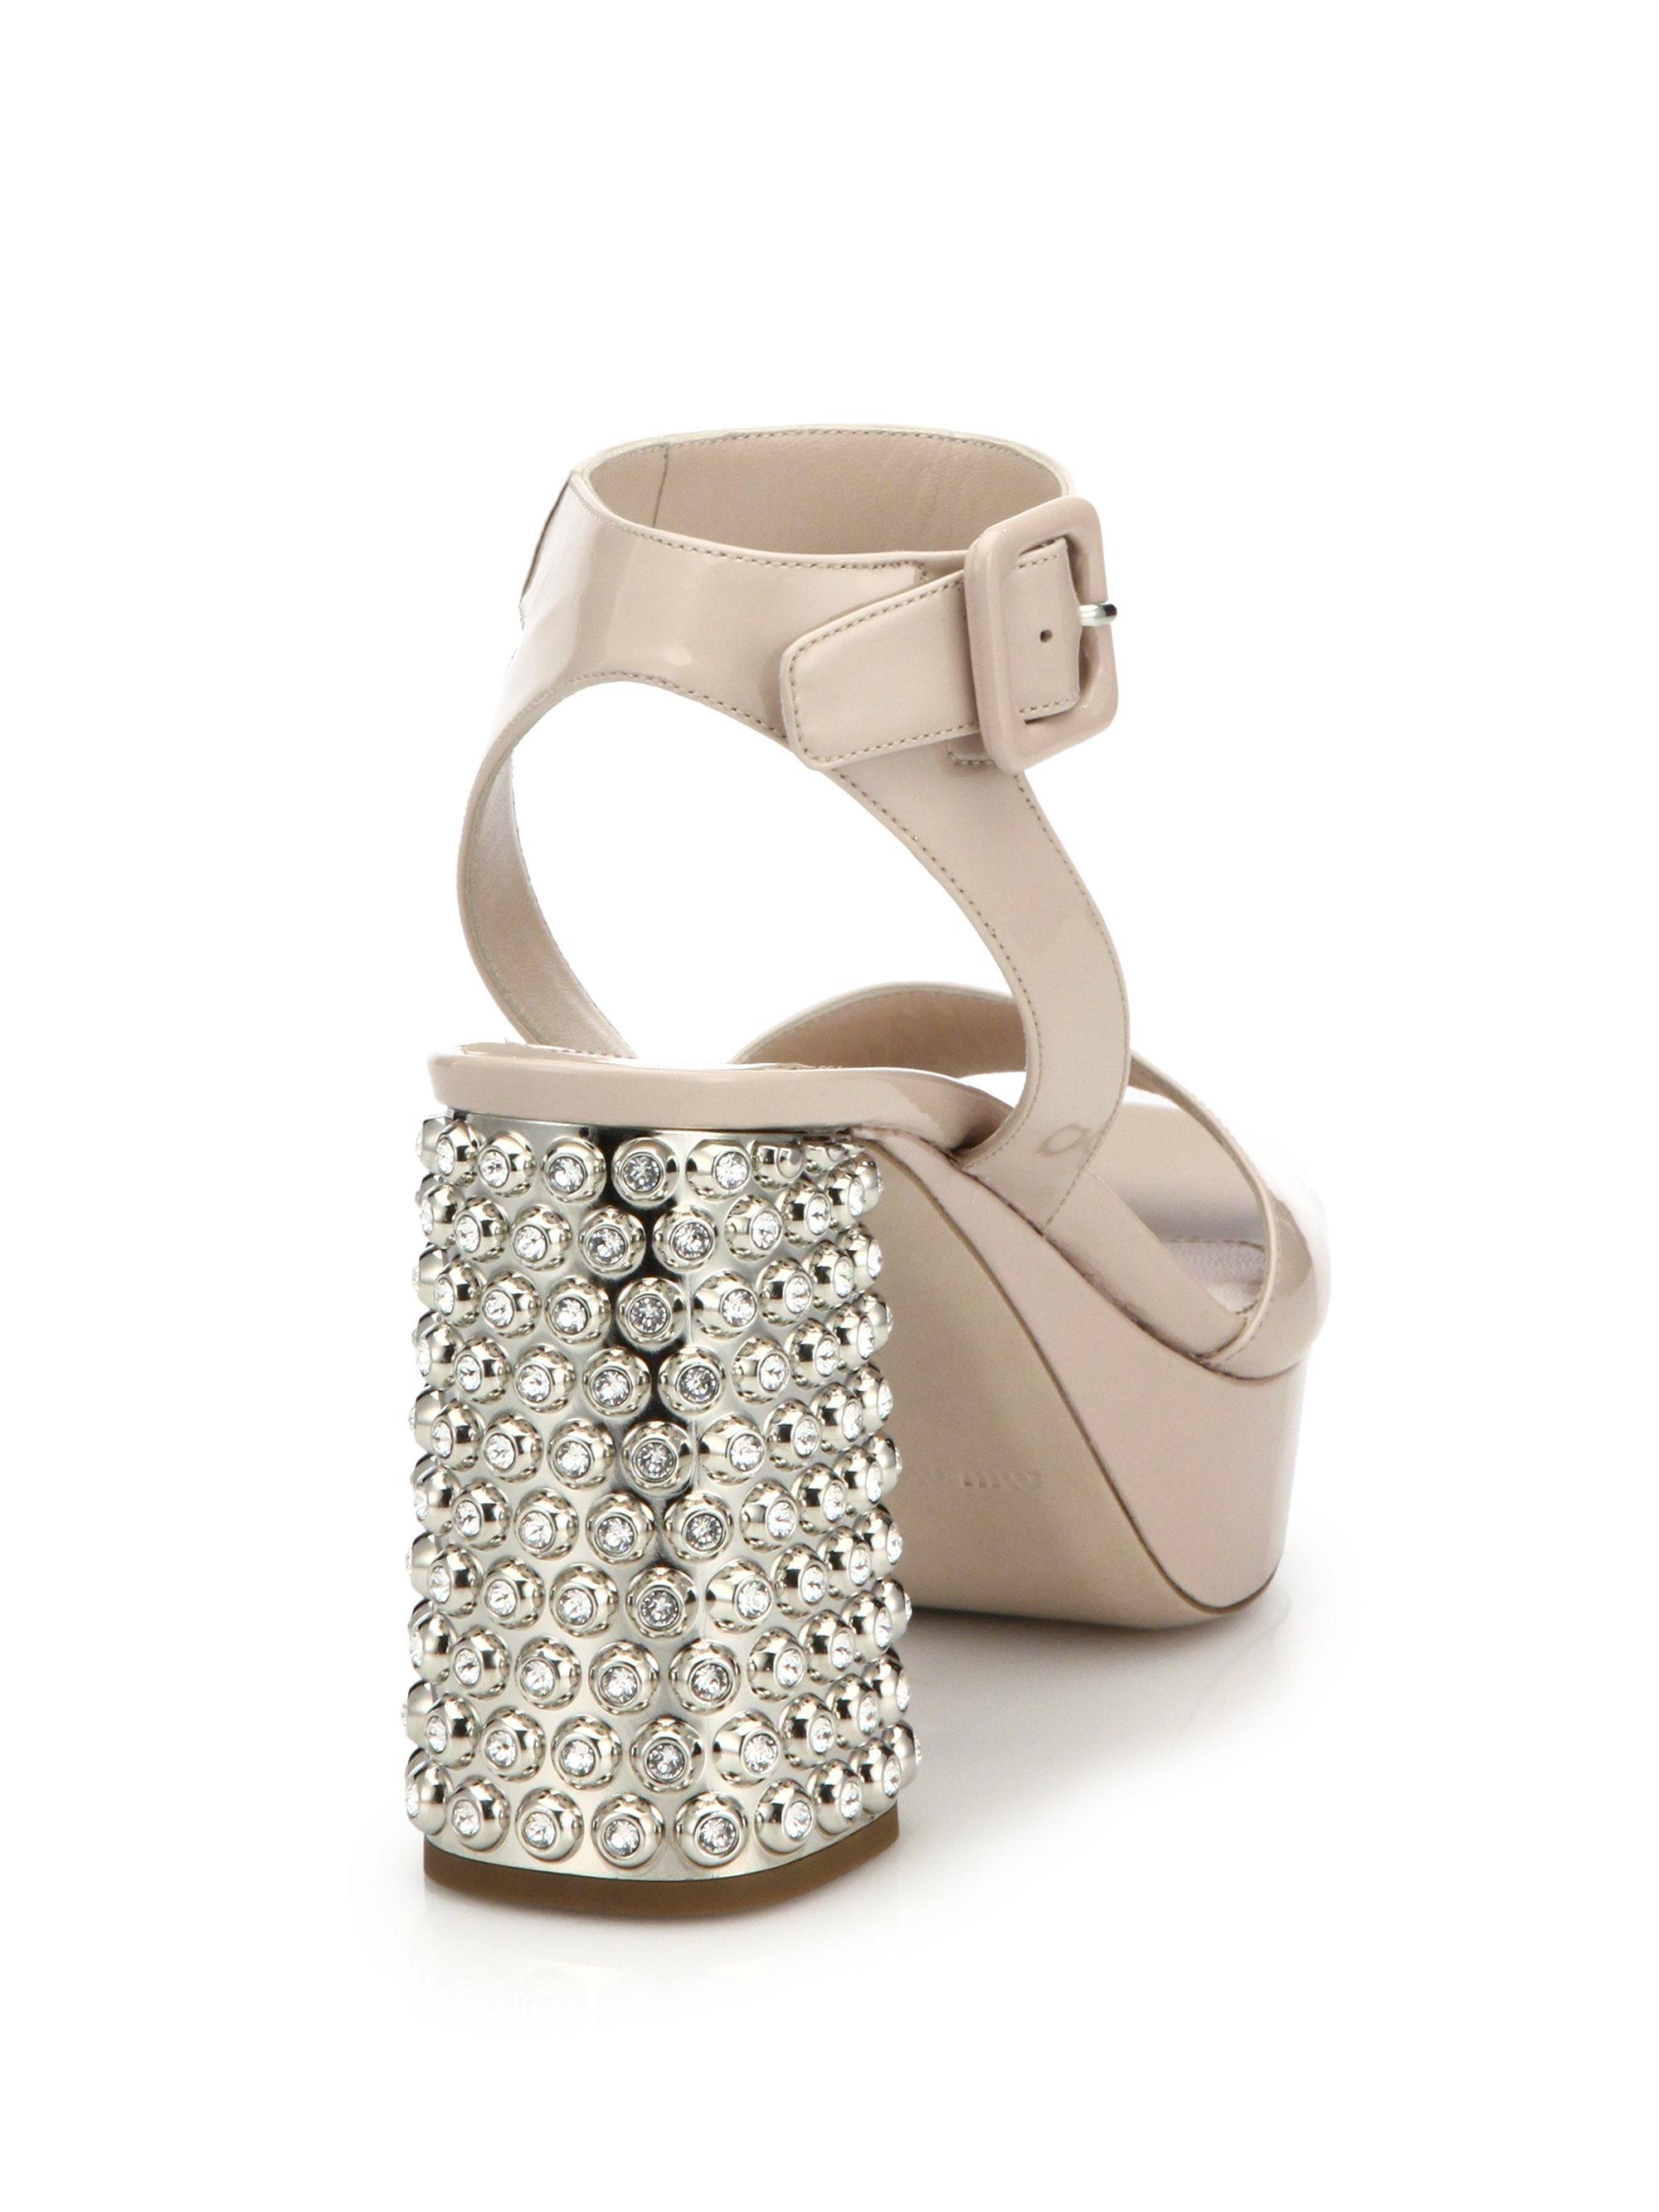 8610f17896fb Lyst - Miu Miu Crystal   Metal-heel Patent Leather Sandals in Pink